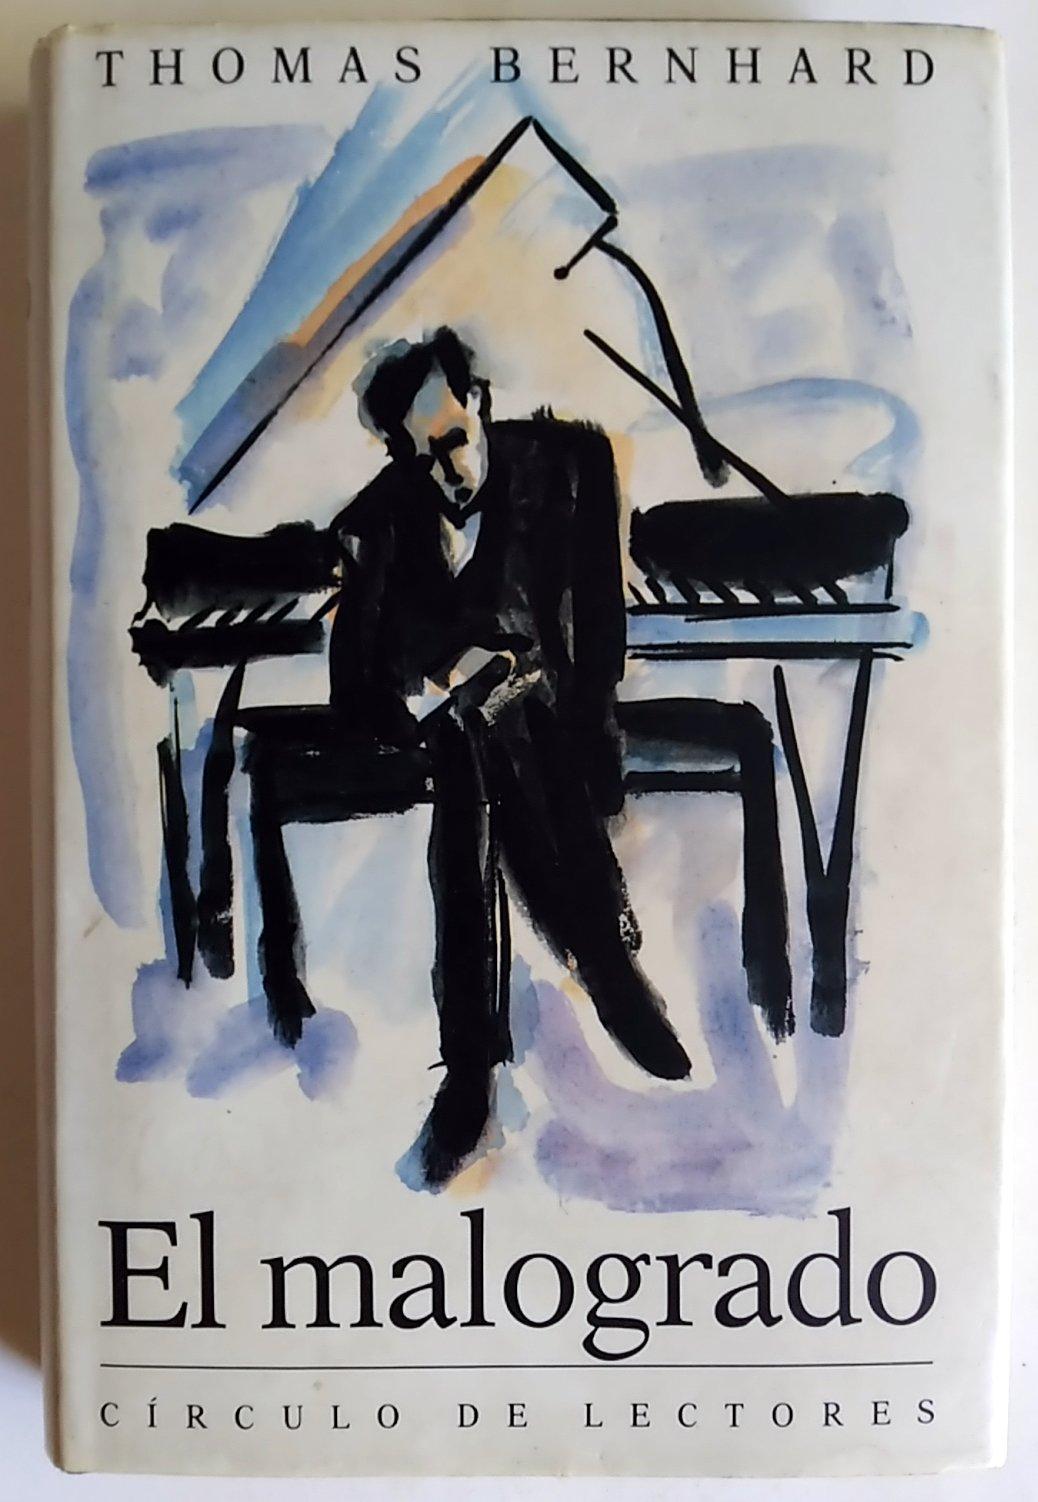 EL MALOGRADO: Amazon.es: Bernhard, Thomas: Libros